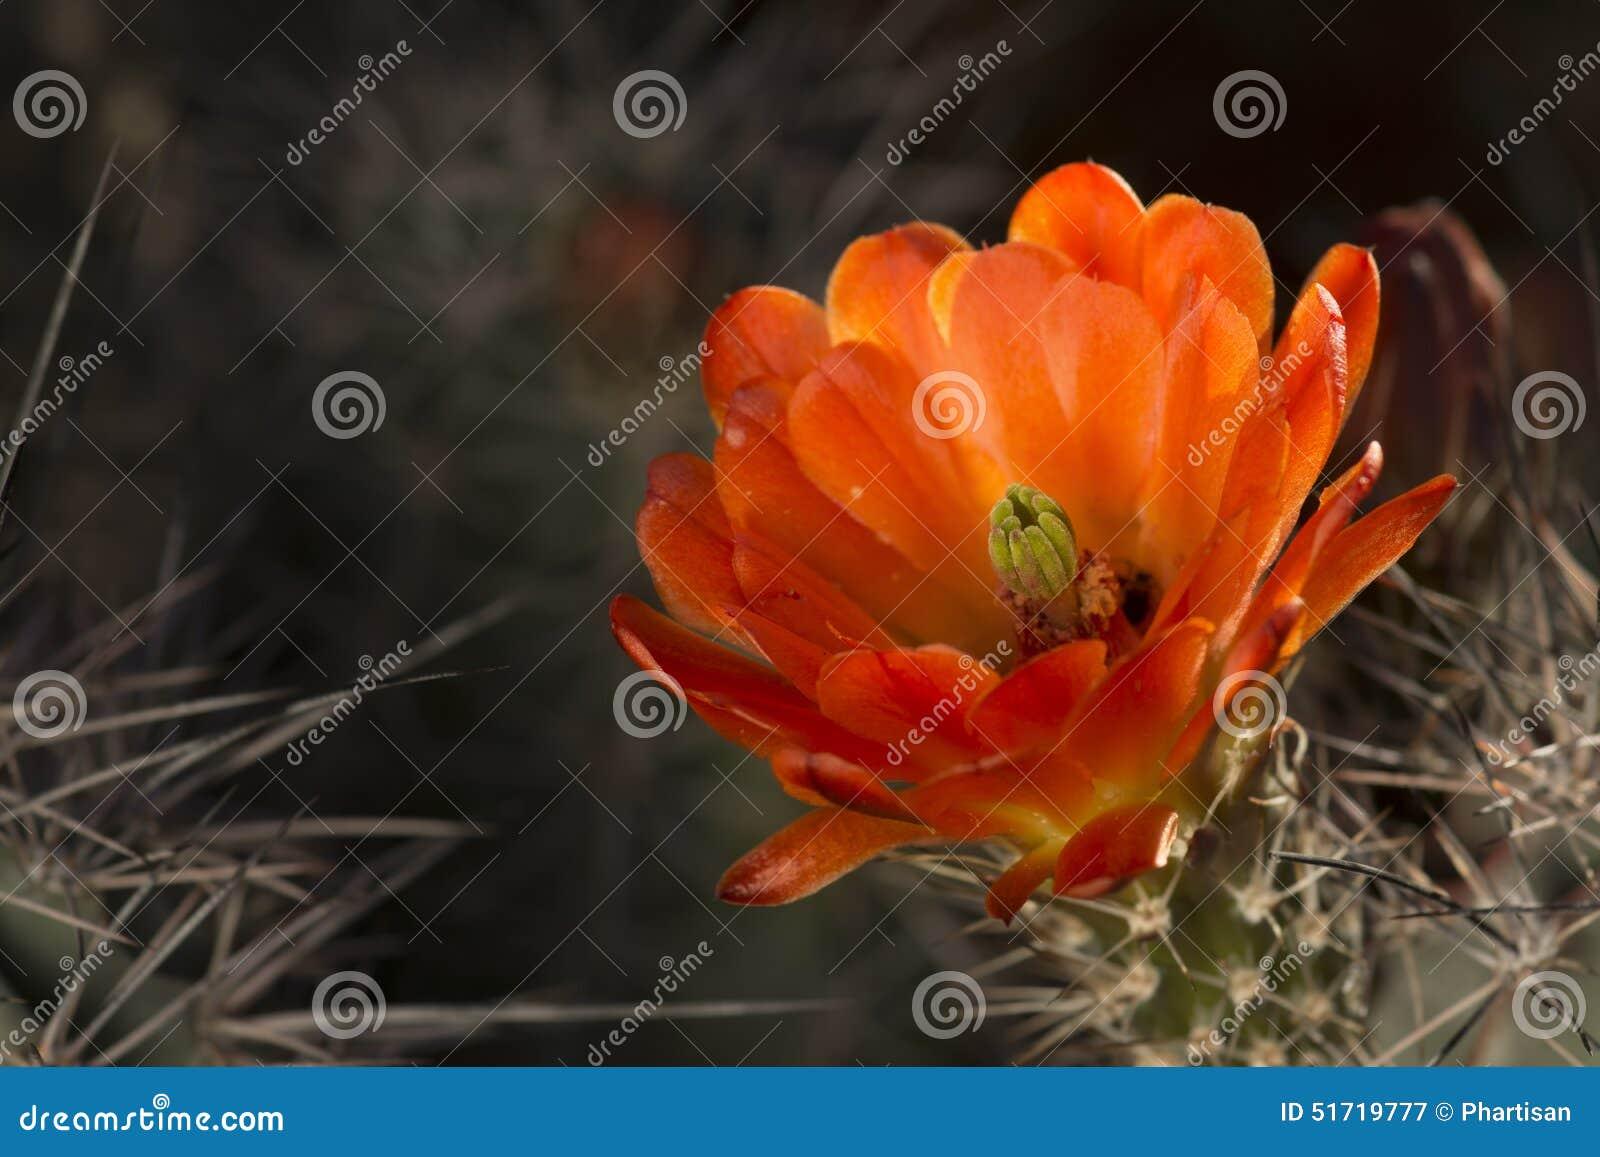 Desert cactus spring flower bloom stock image image of petals download desert cactus spring flower bloom stock image image of petals nature 51719777 mightylinksfo